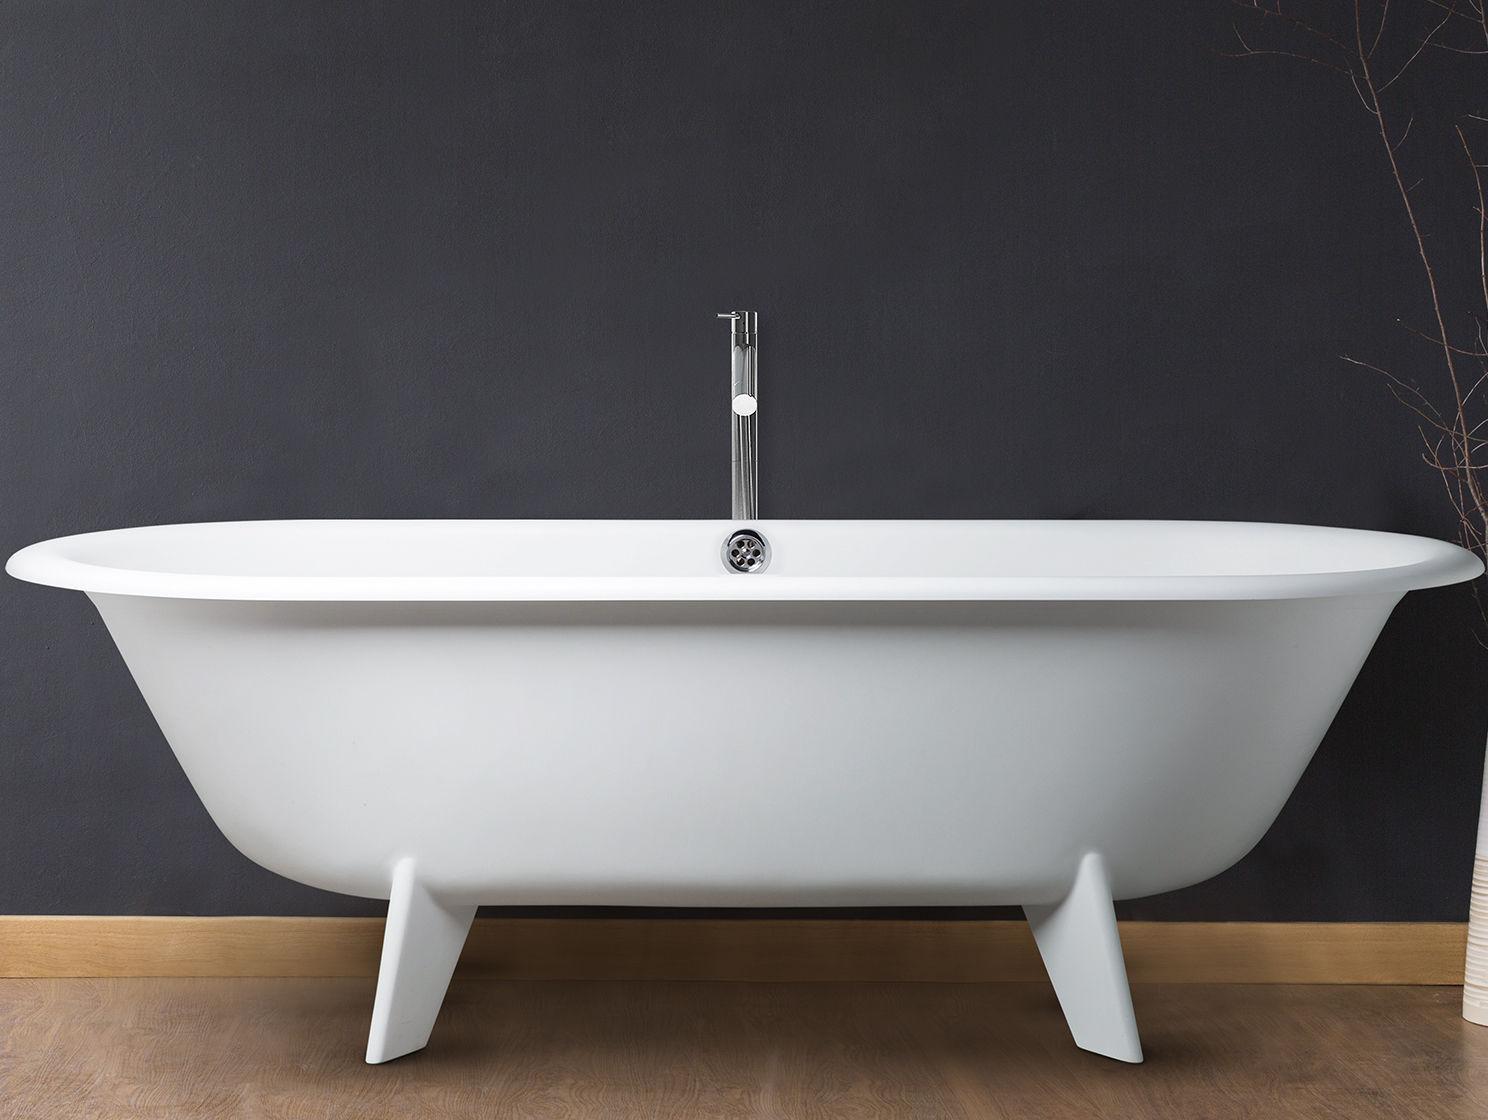 Vasca Da Bagno Retro : Vasca da bagno su piedi ovale in composito in acrilico